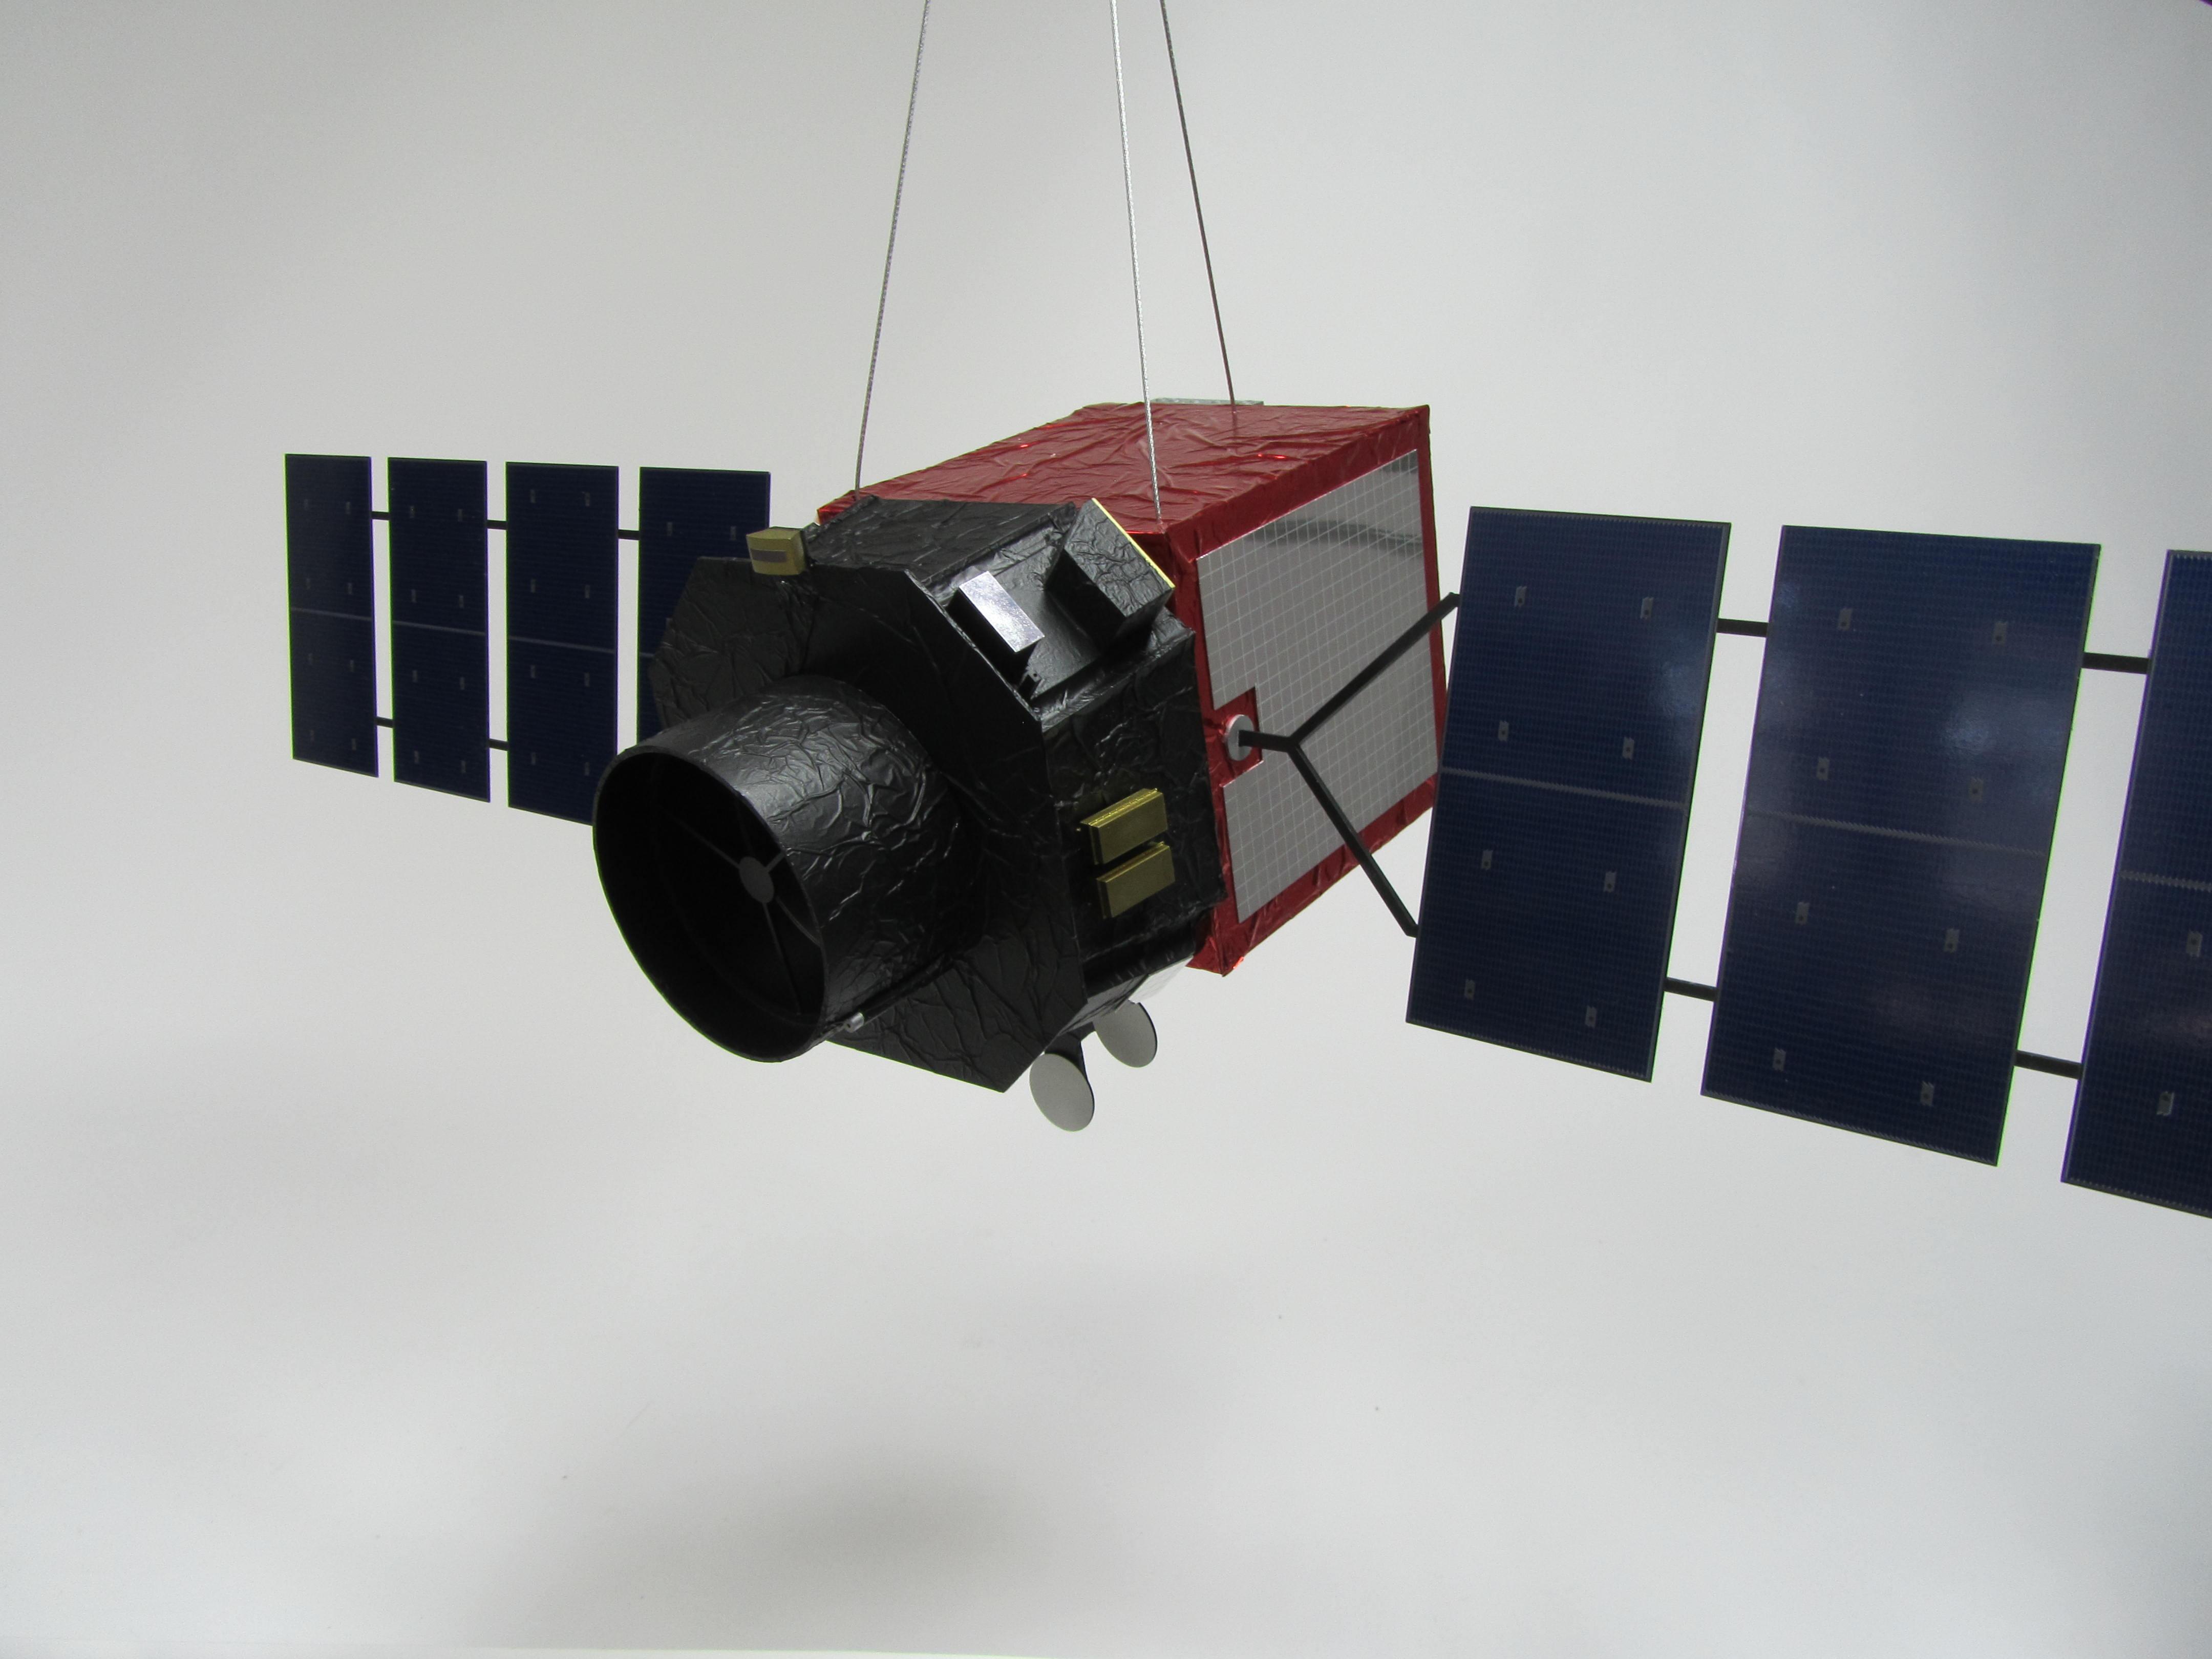 generic satellite model